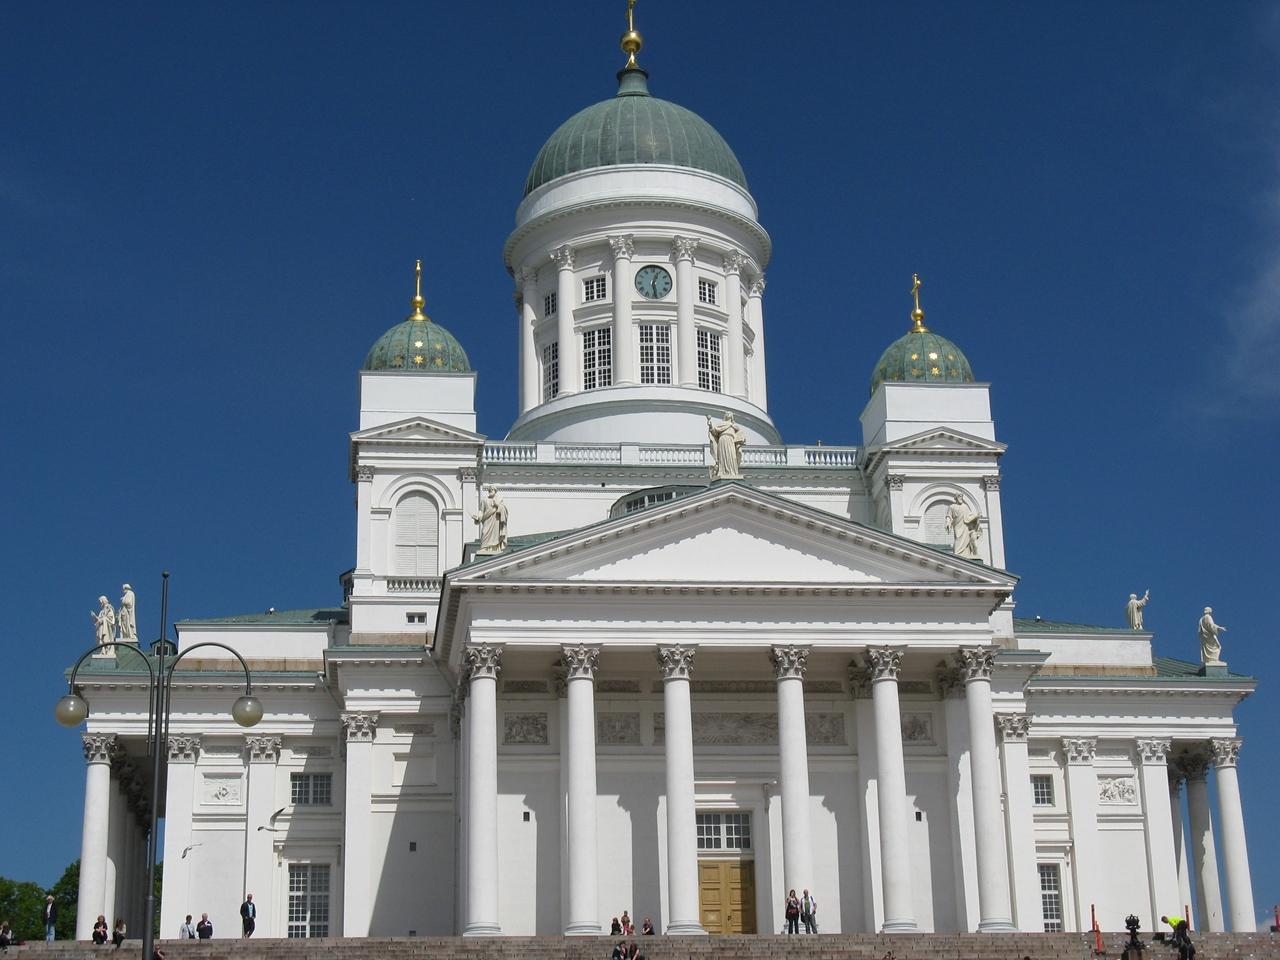 ヘルシンキに来たら、まず訪れてみたい ヘルシンキ大聖堂